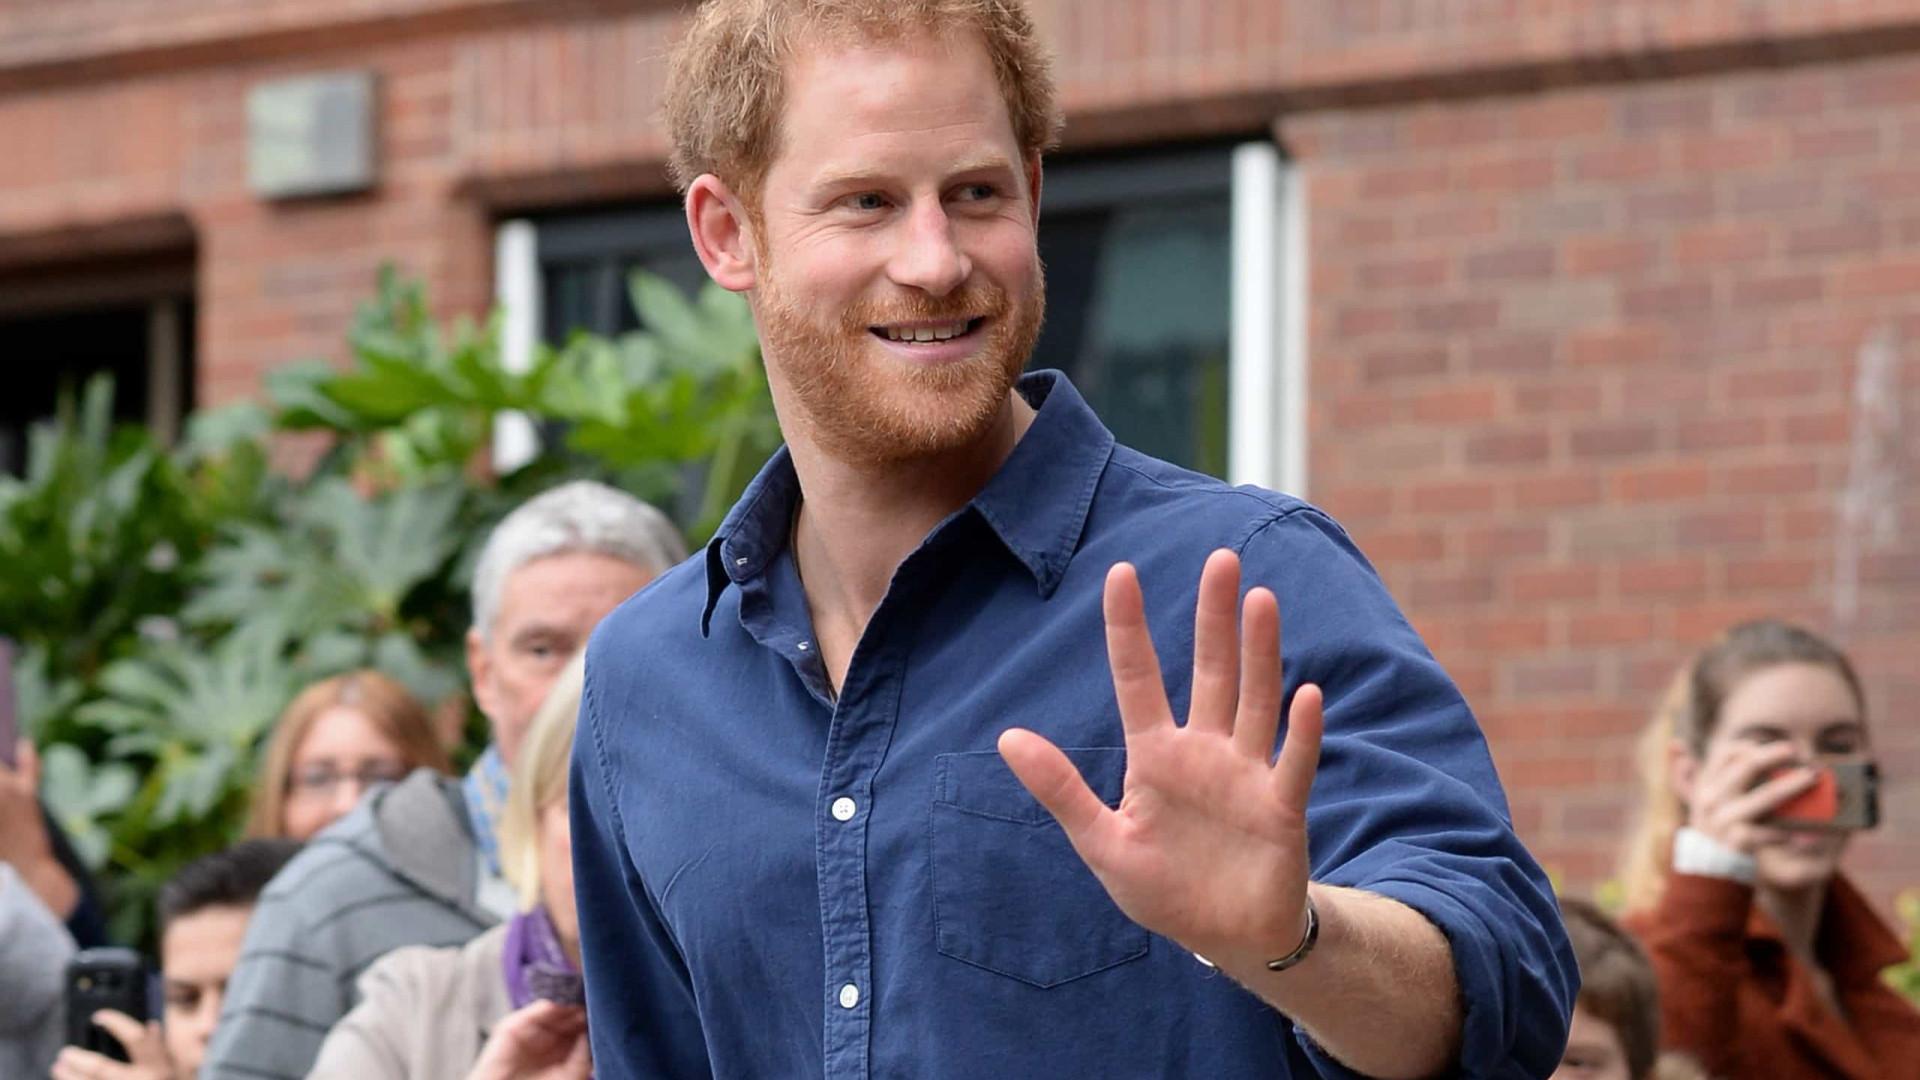 Príncipe Harry consegue emprego nos EUA e será executivo de uma empresa